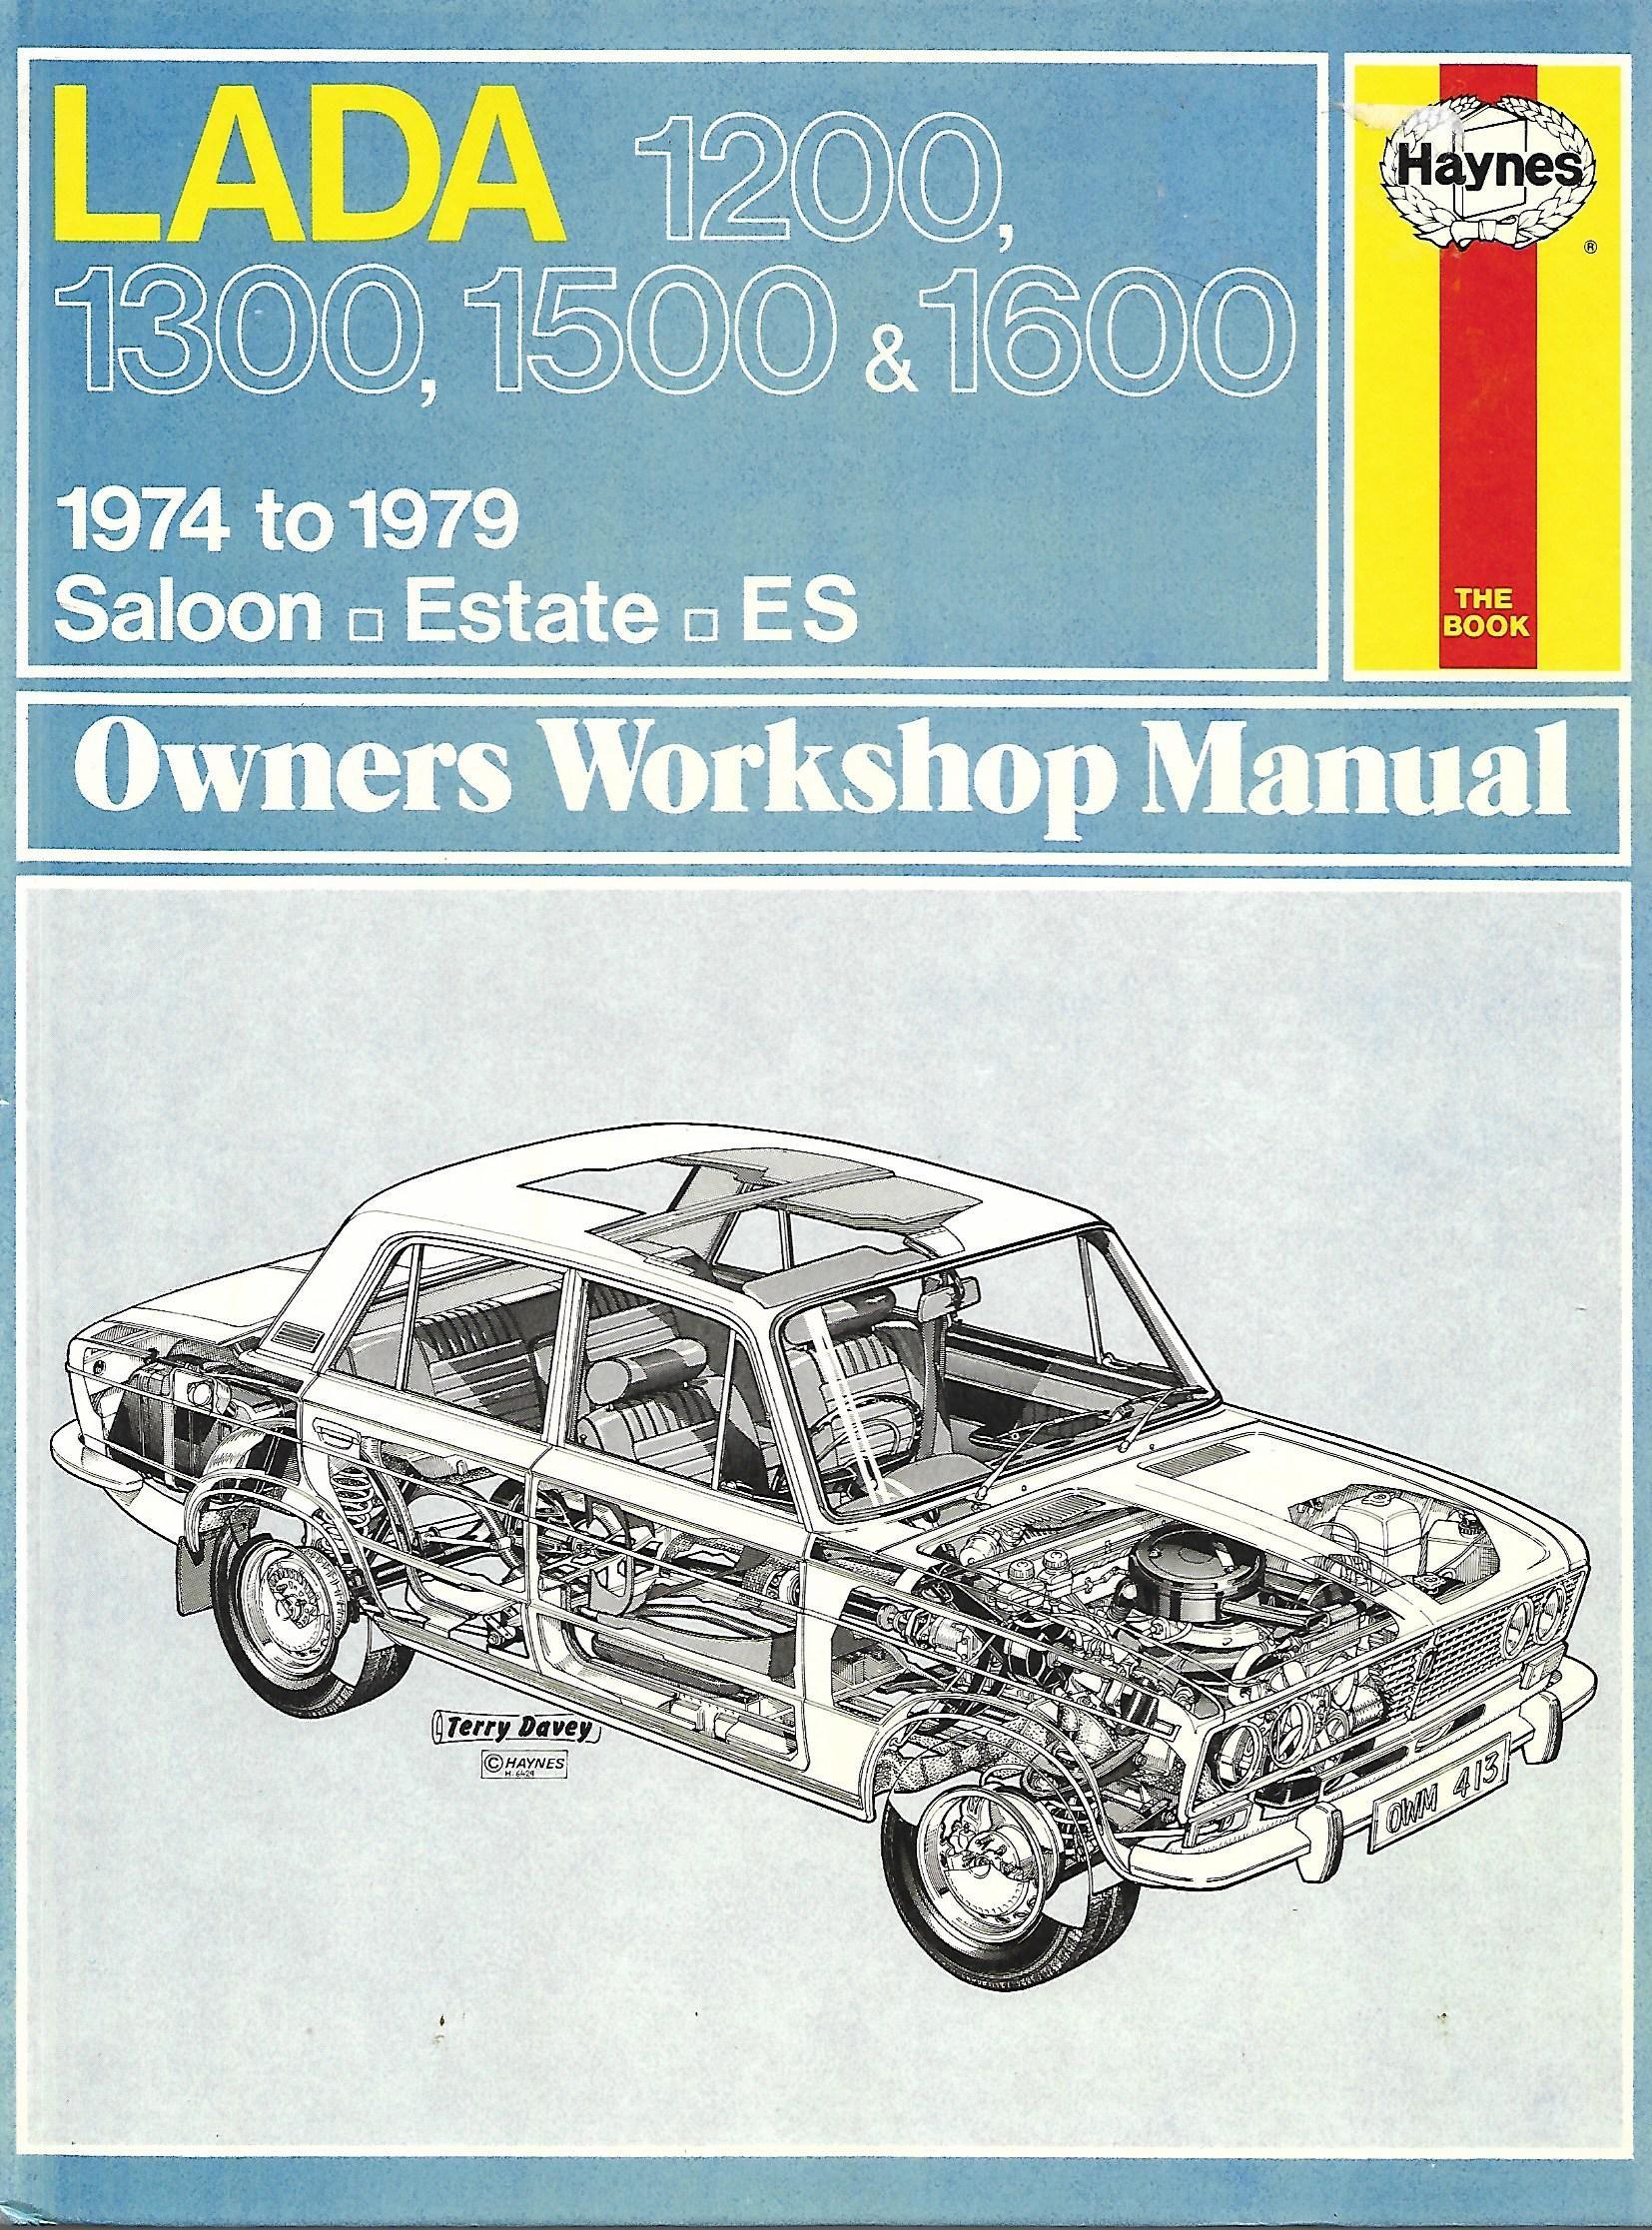 413 Lada 1200 1300 1500 1600 1974 1979 Workshop Manual Online Marketplace